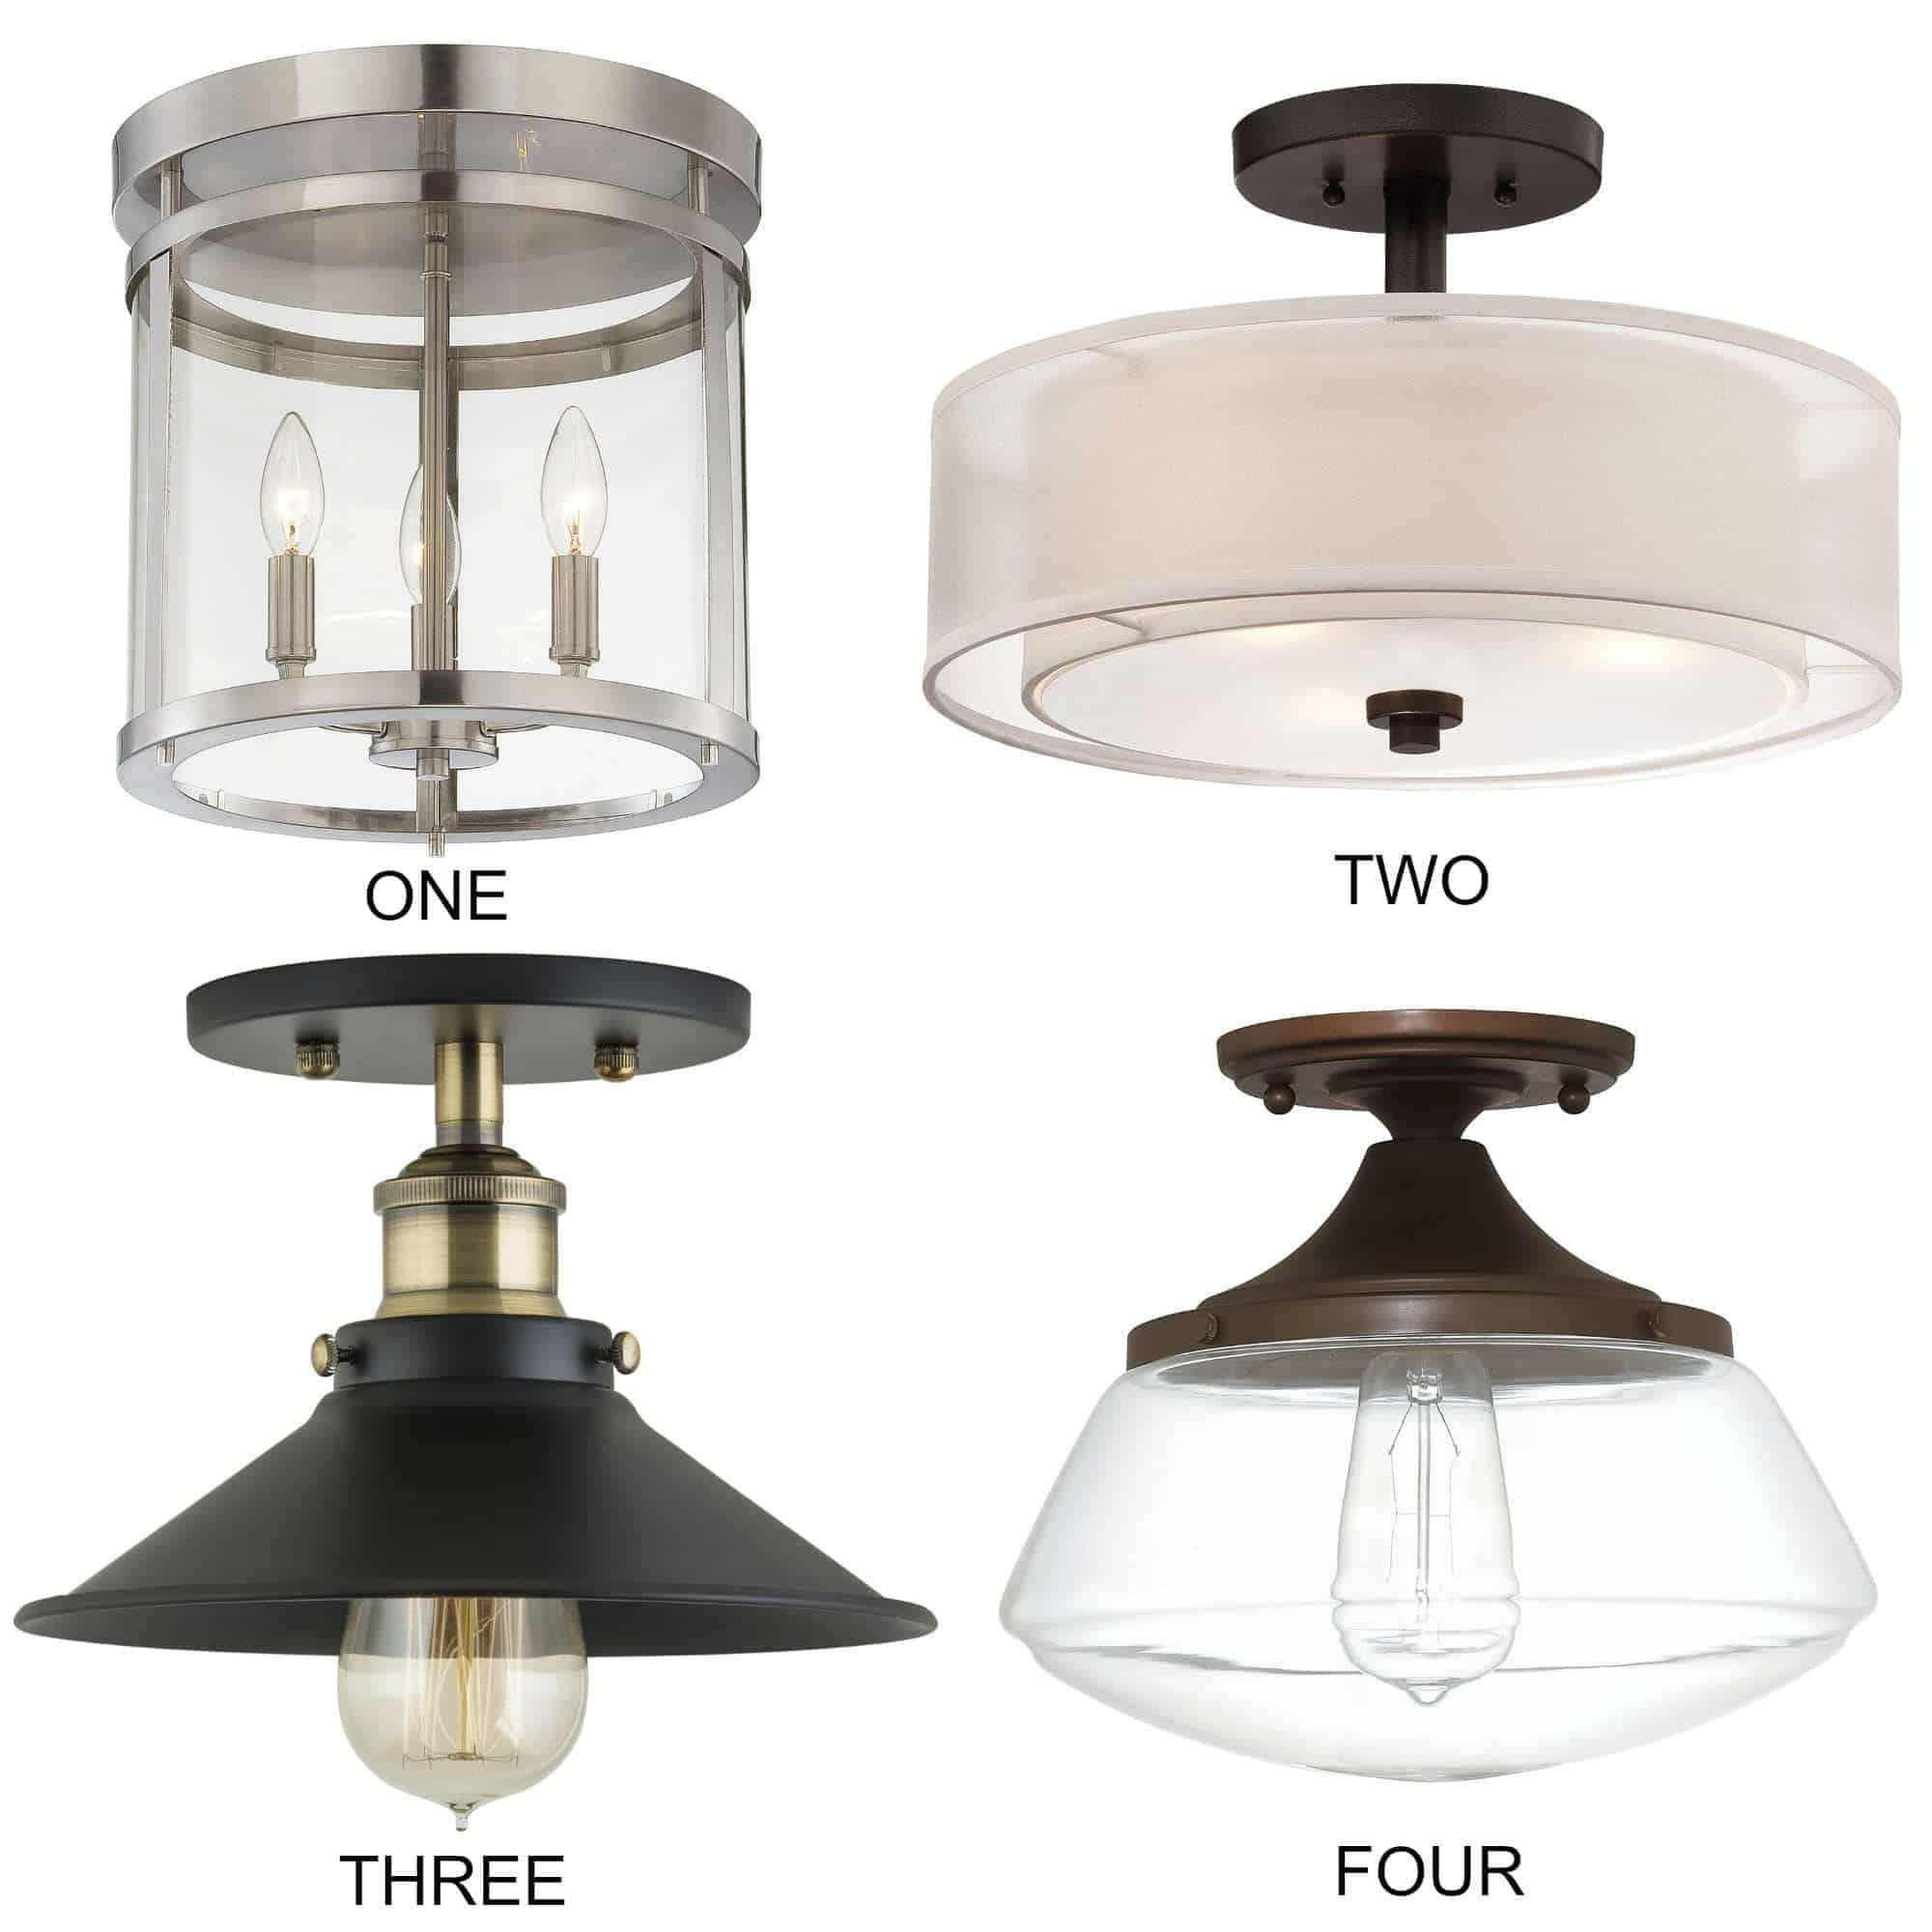 farmhouse kitchen lighting farmhouse kitchen lighting 8 flush mount kitchen lighting fixtures ideas that will add that farmhouse style to your space